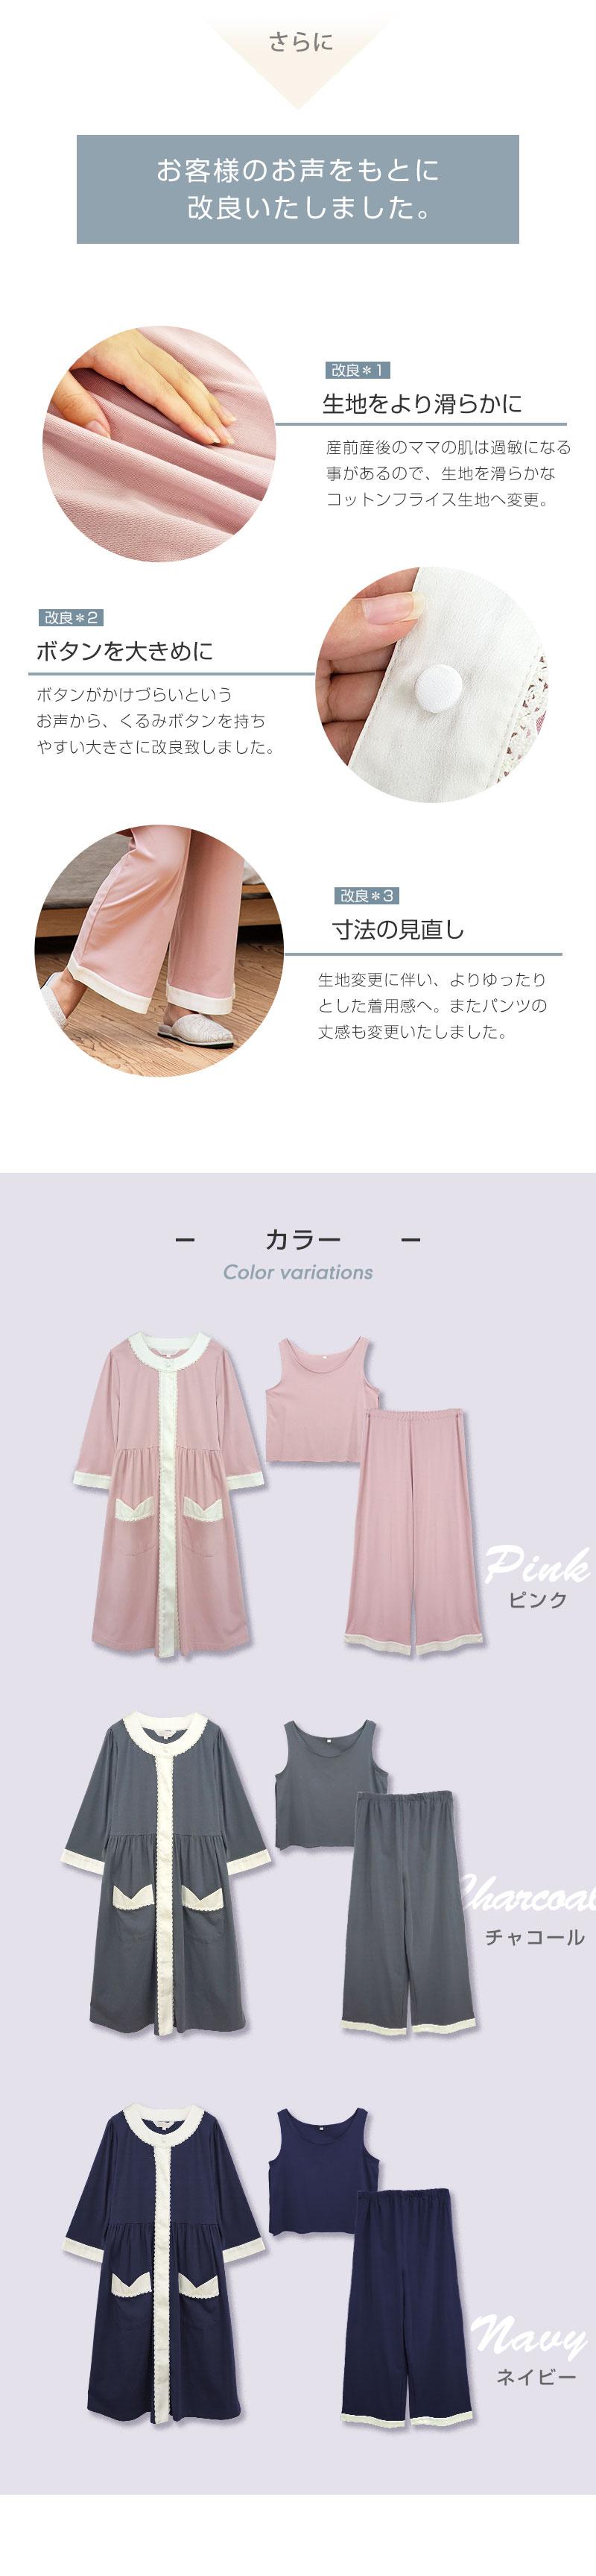 マタニティパジャマ 授乳パジャマ 改良 カラーバリエーション ピンク ネイビー チャコール